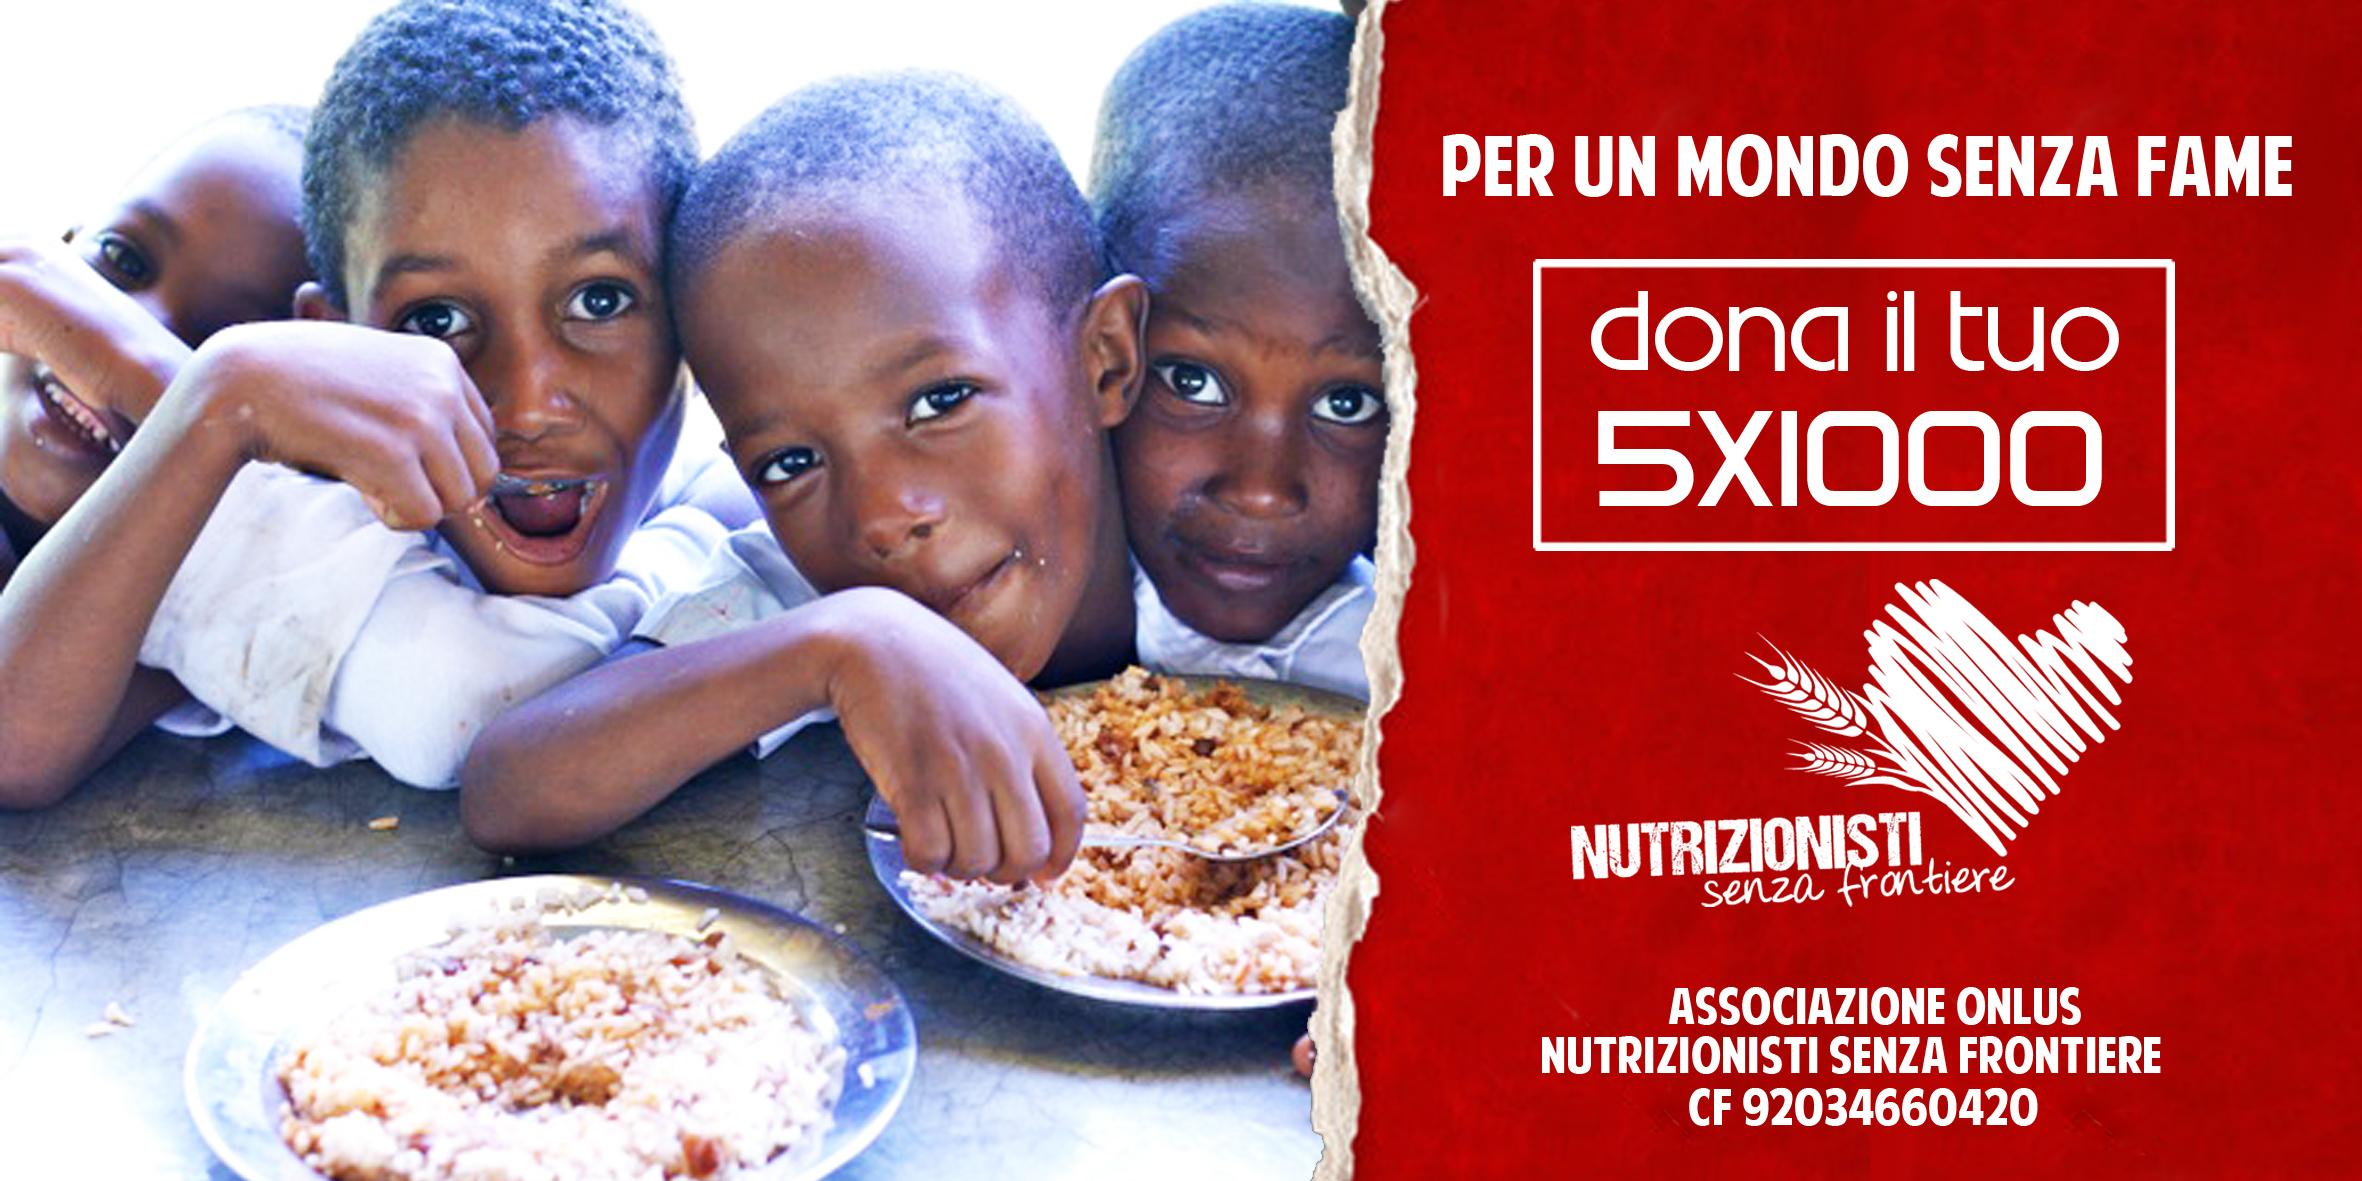 Nutrizionisti senza frontiere: perché il cibo sia diritto di tutti alla salute